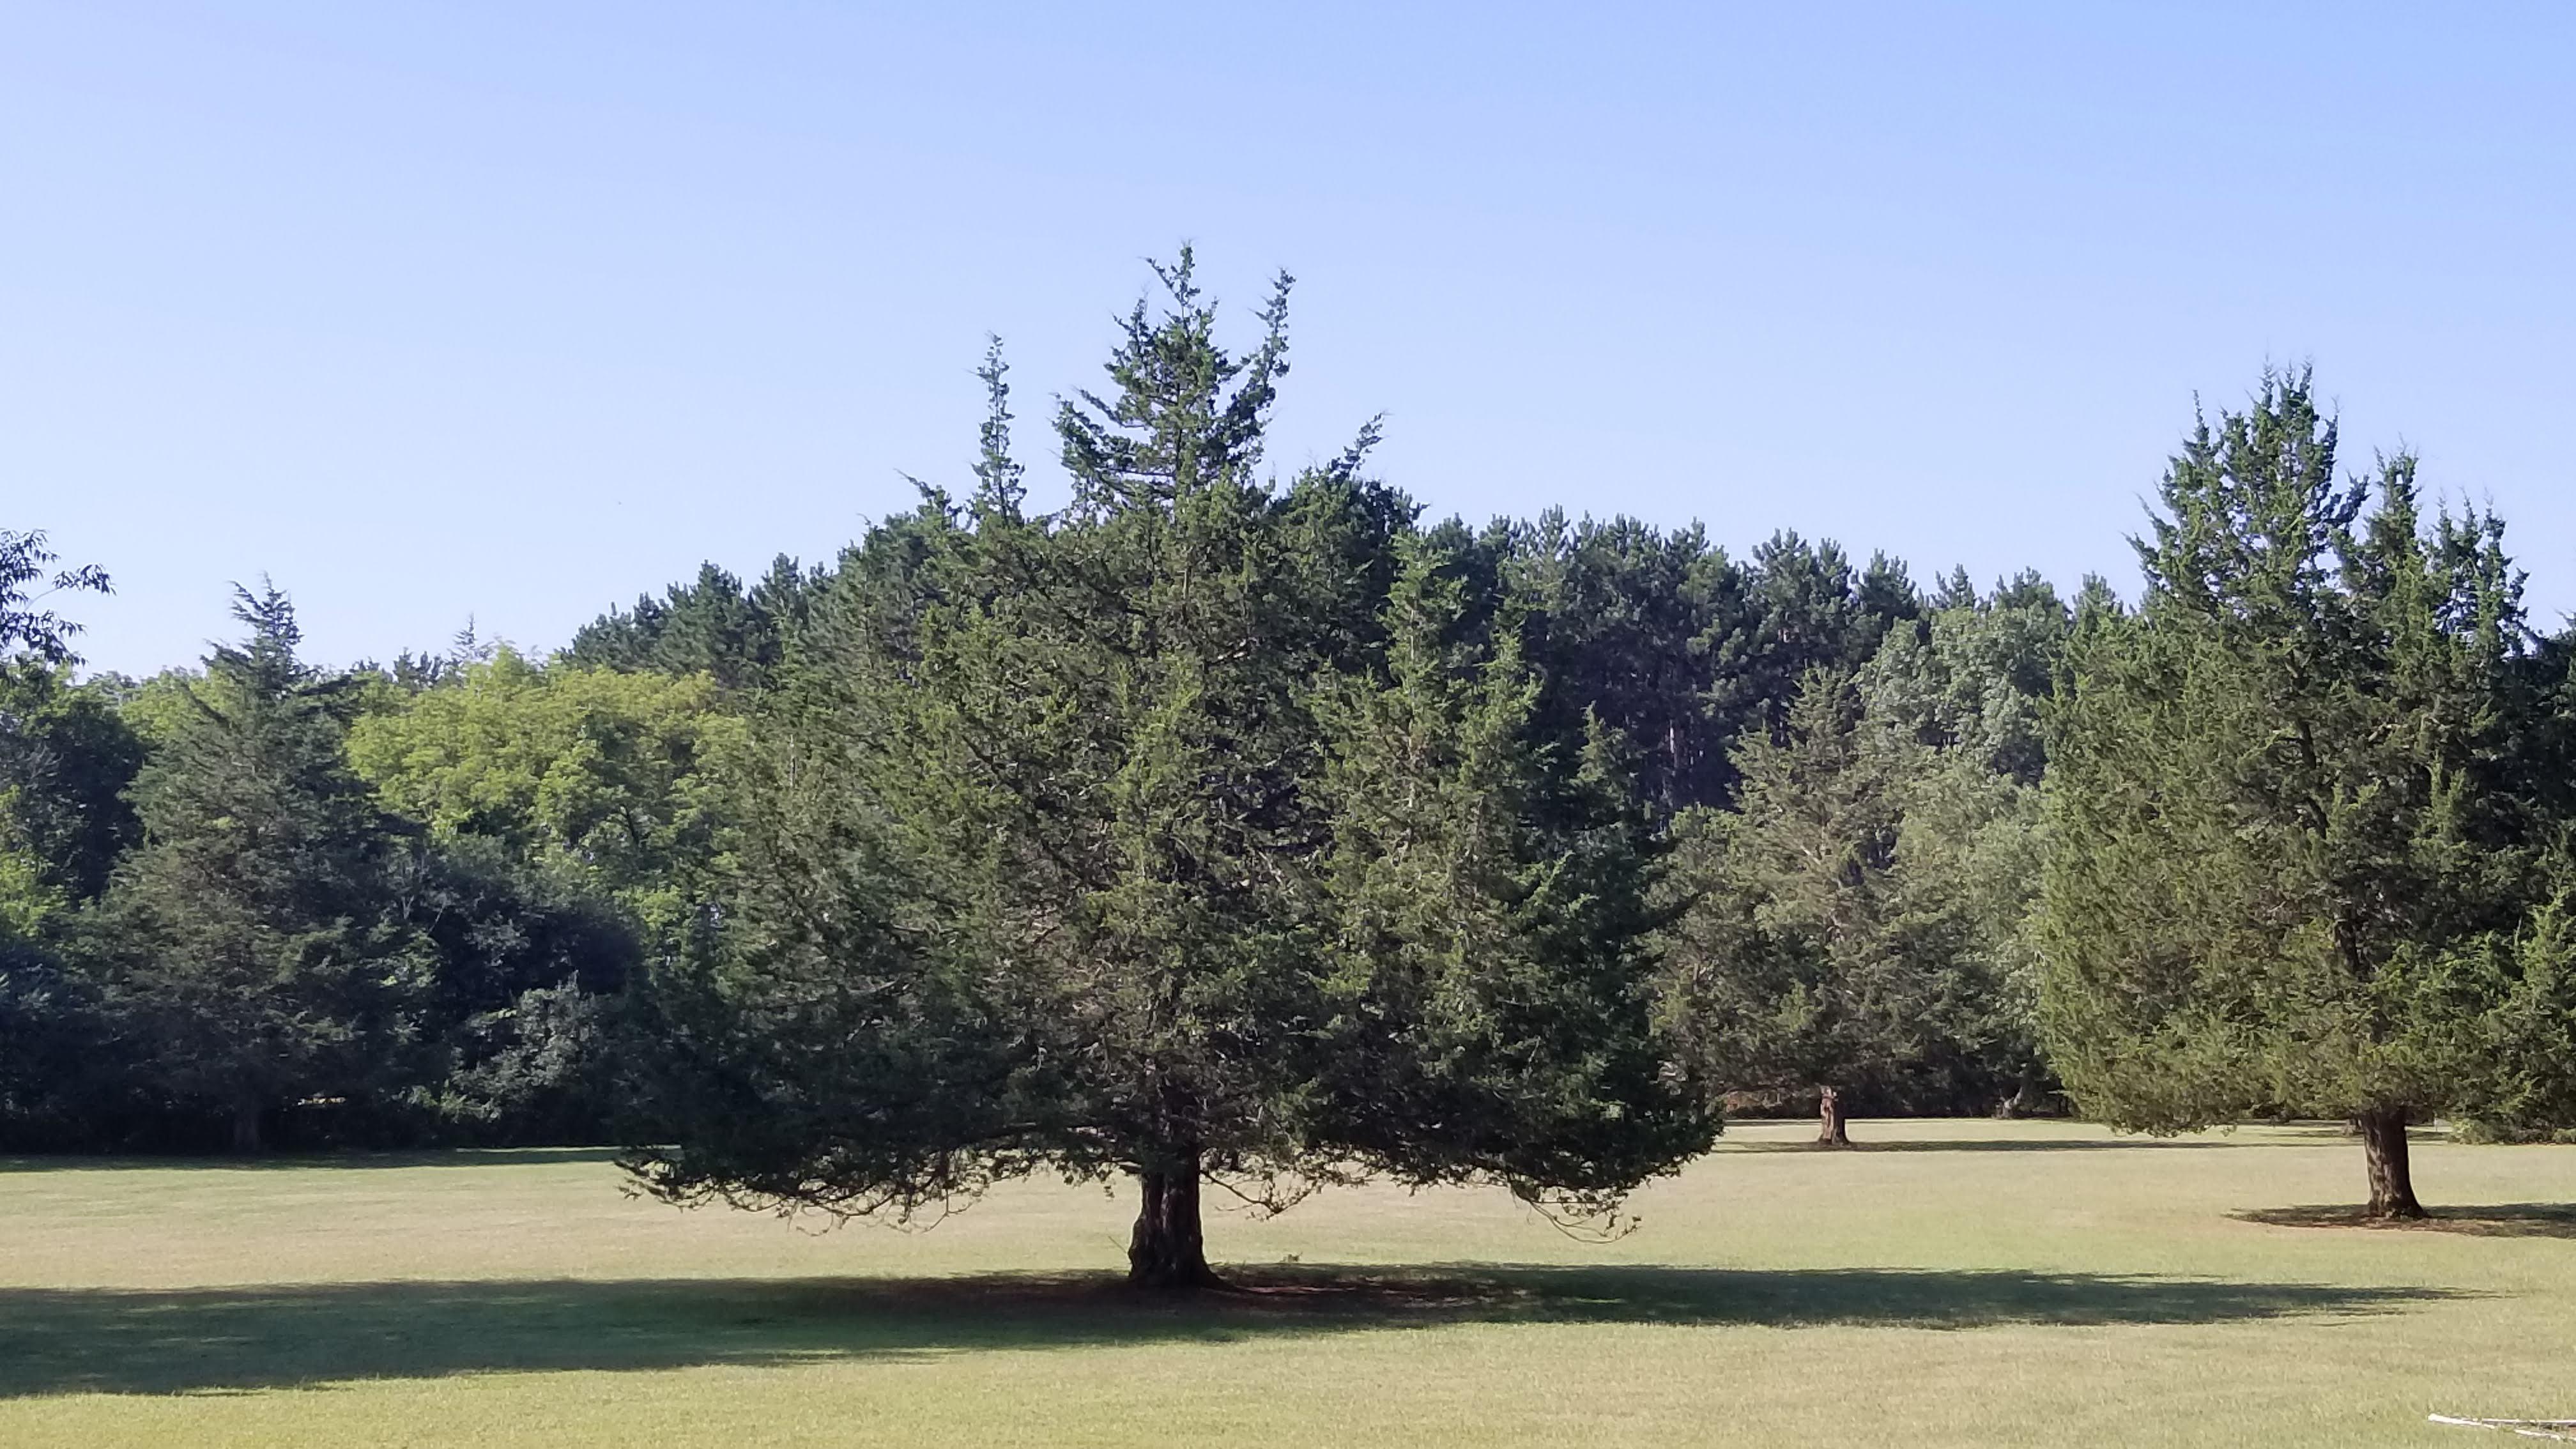 Cedar Trees in Field